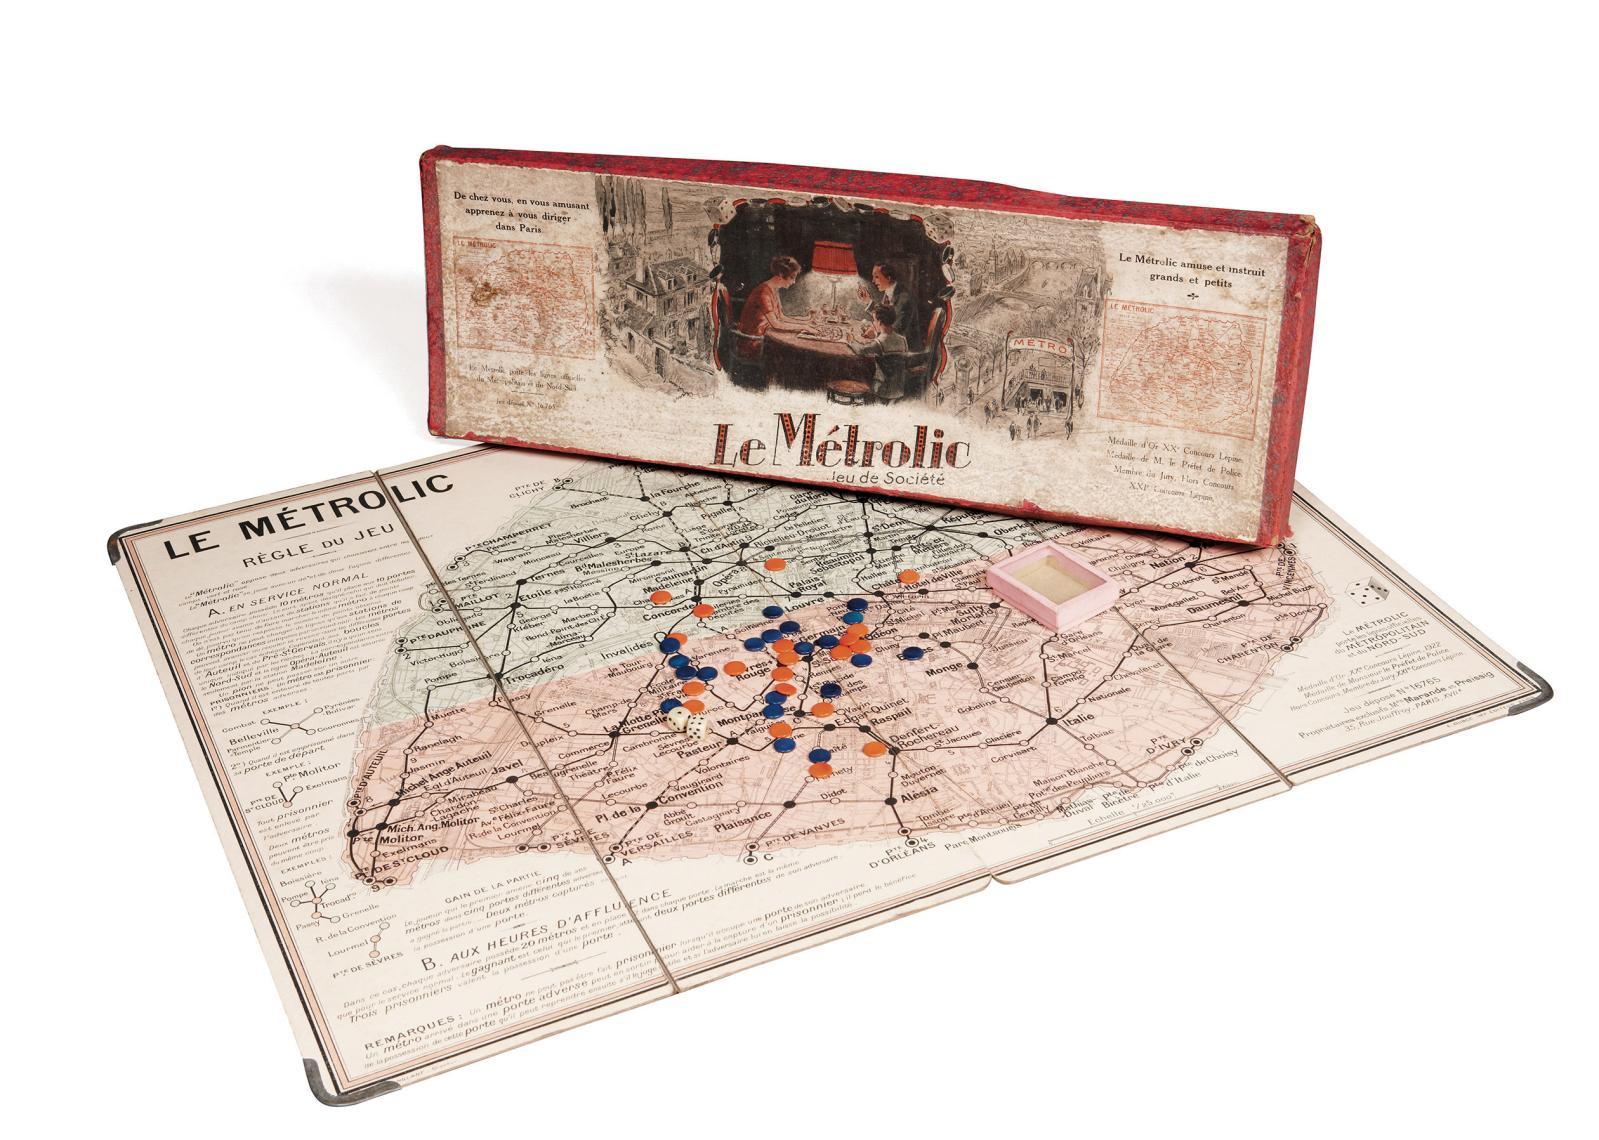 Le Métrolic, jeu de société, Paris, E.Dubuc, vers1920-1925. Paris, Drouot-Richelieu, 5avril2011.Pierre Bergé &AssociésOVV. M.Forgeot. Adjugé: